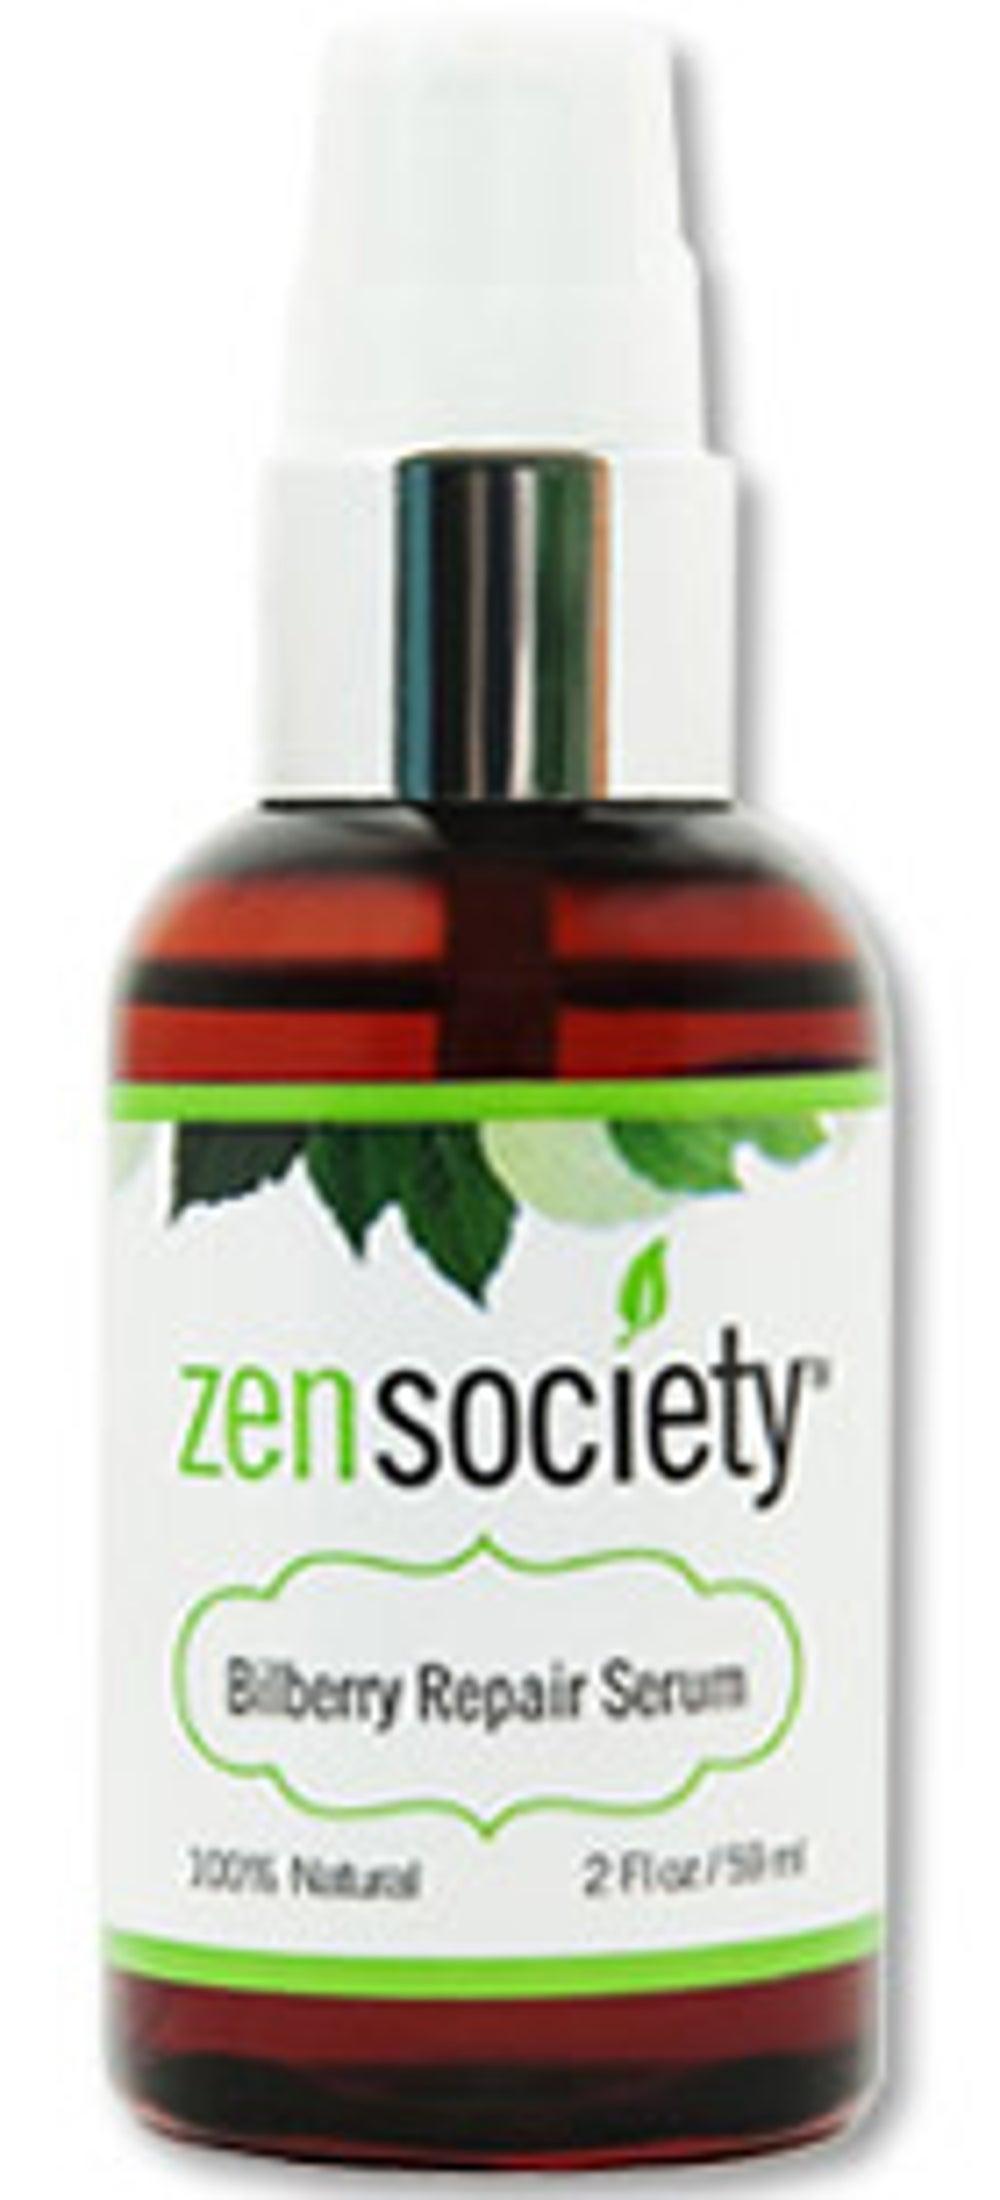 Zen Society